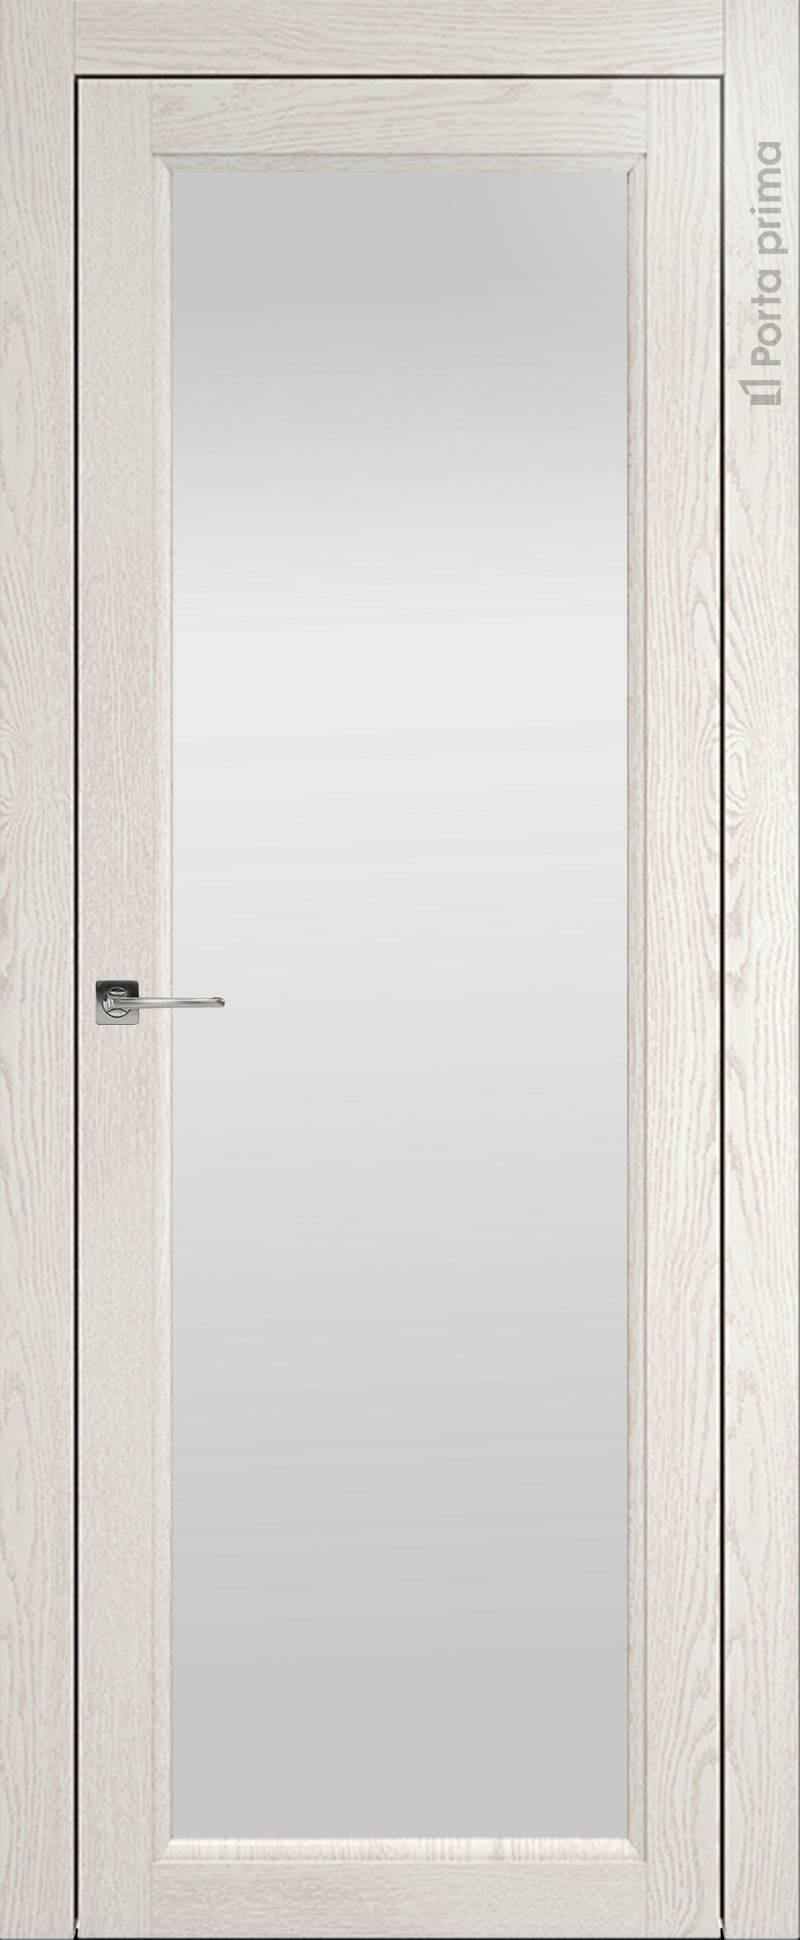 Sorrento-R Б4 цвет - Белый ясень (nano-flex) Со стеклом (ДО)